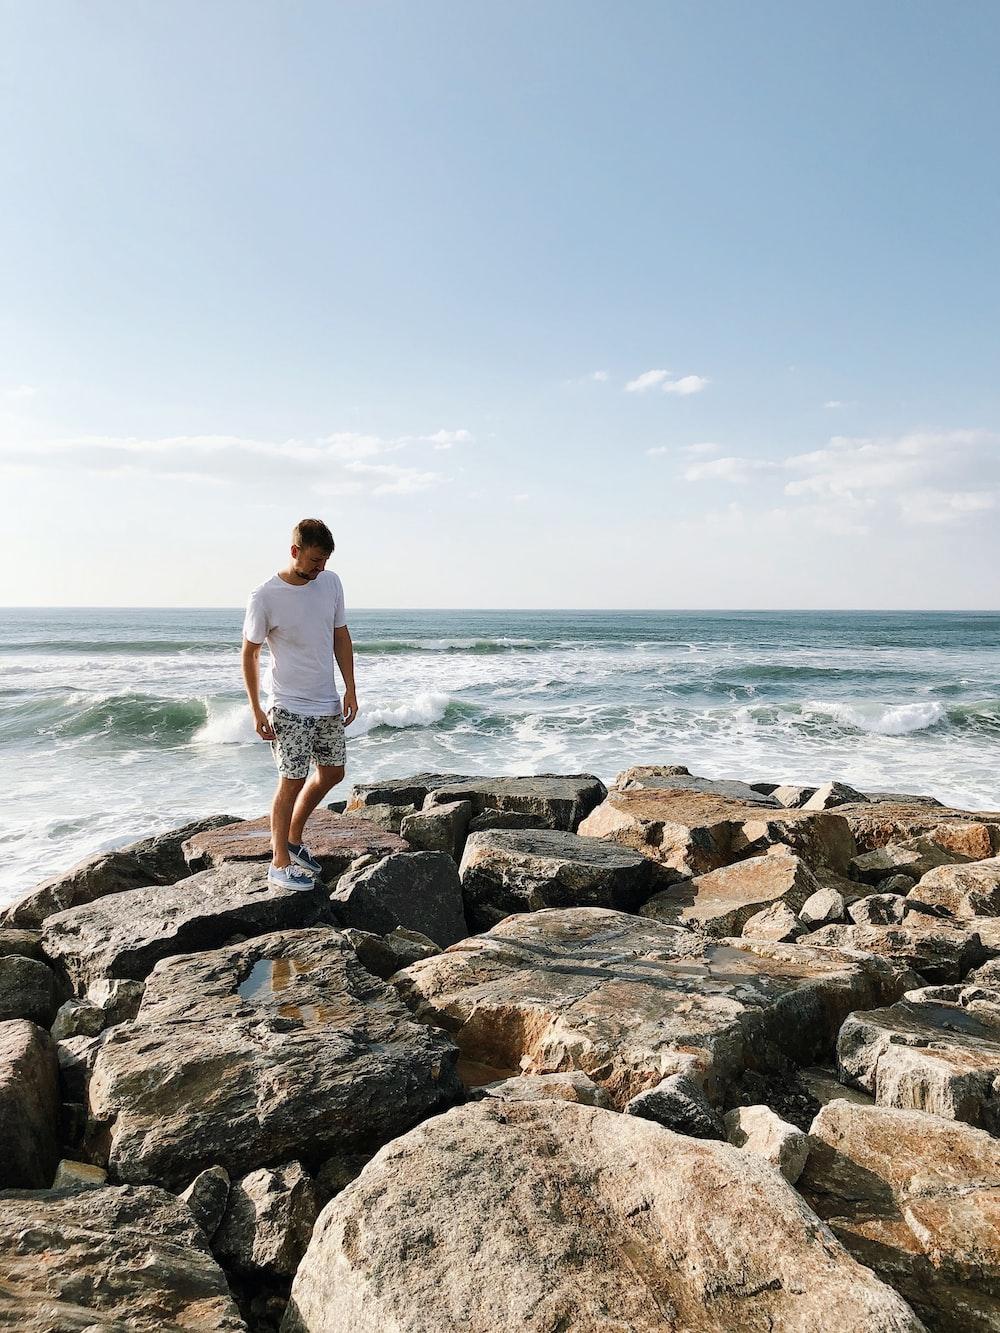 man standing on rocks near body of water